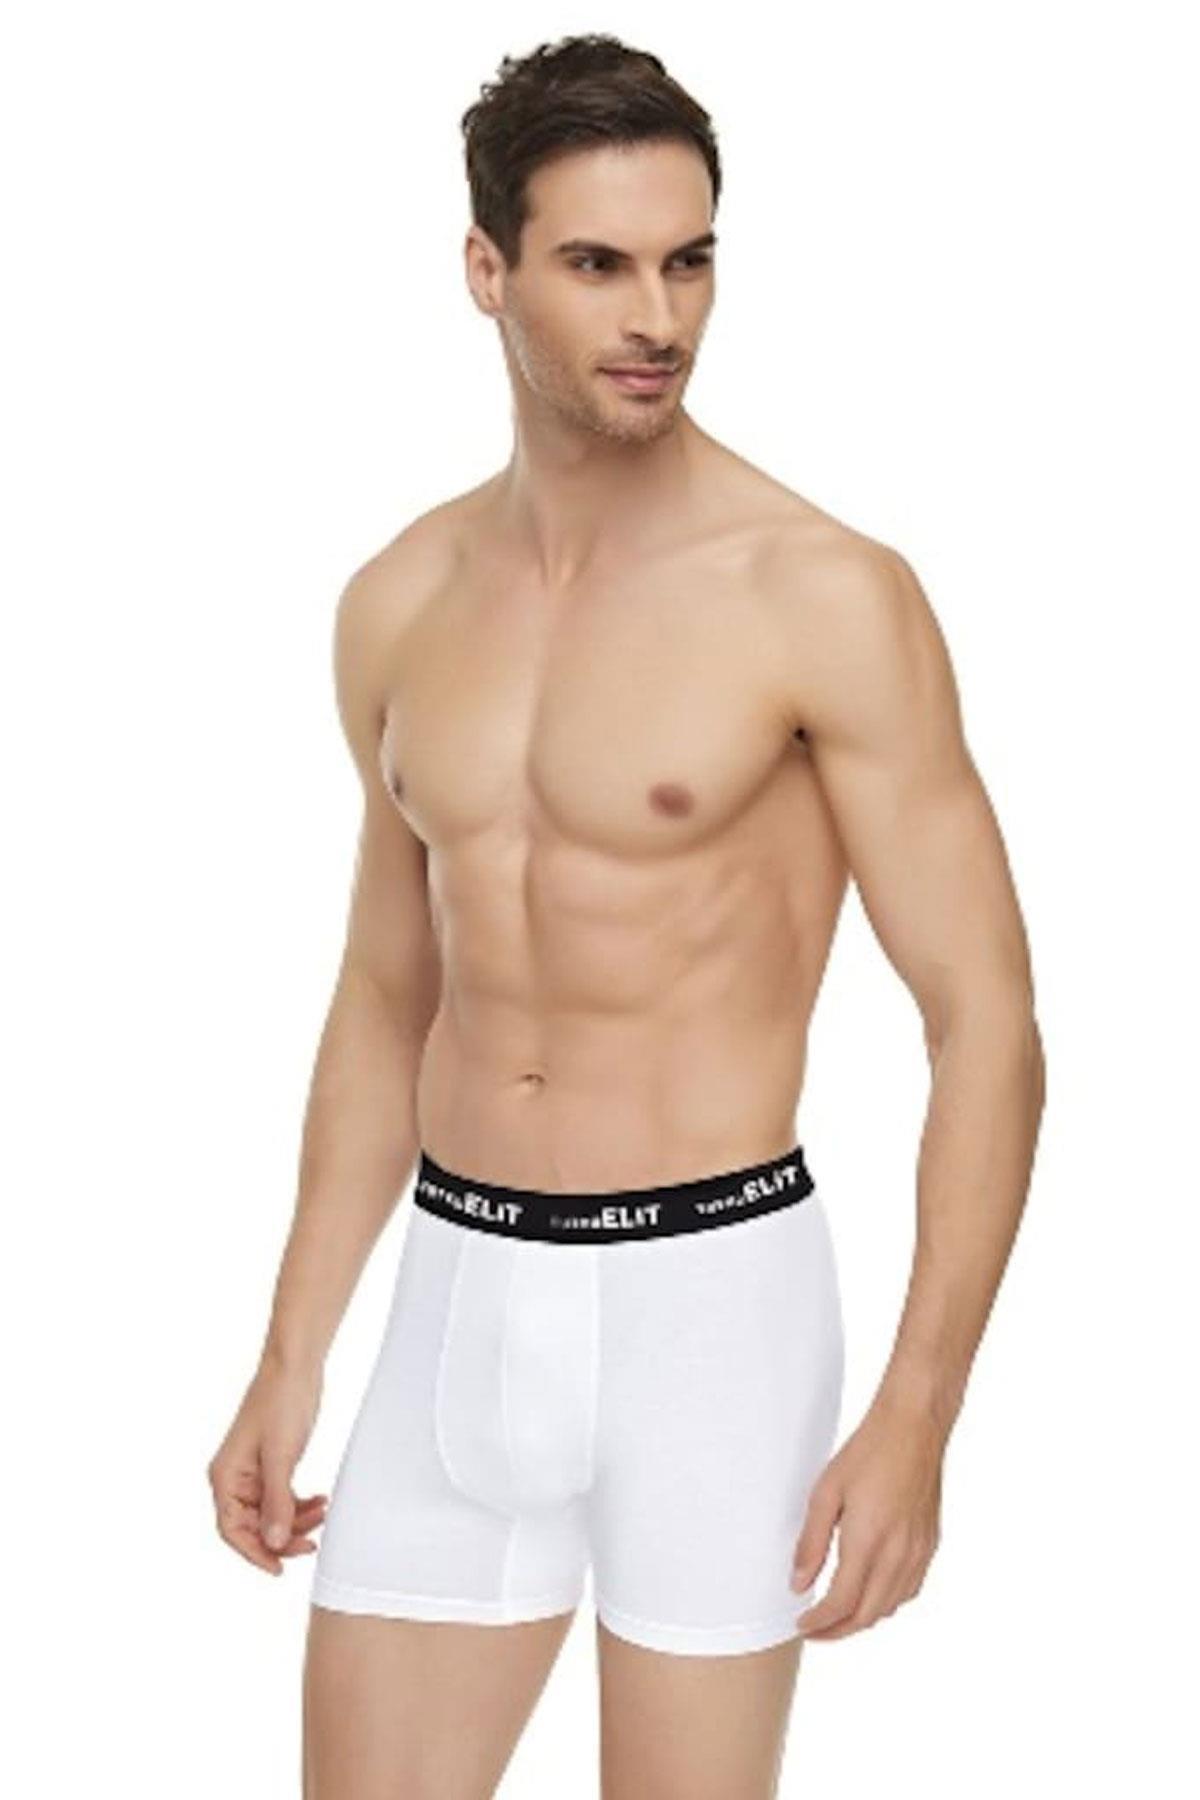 Tutku İç Giyim Elit Modal Erkek Spor Boxer Külot Don 5 li Paket